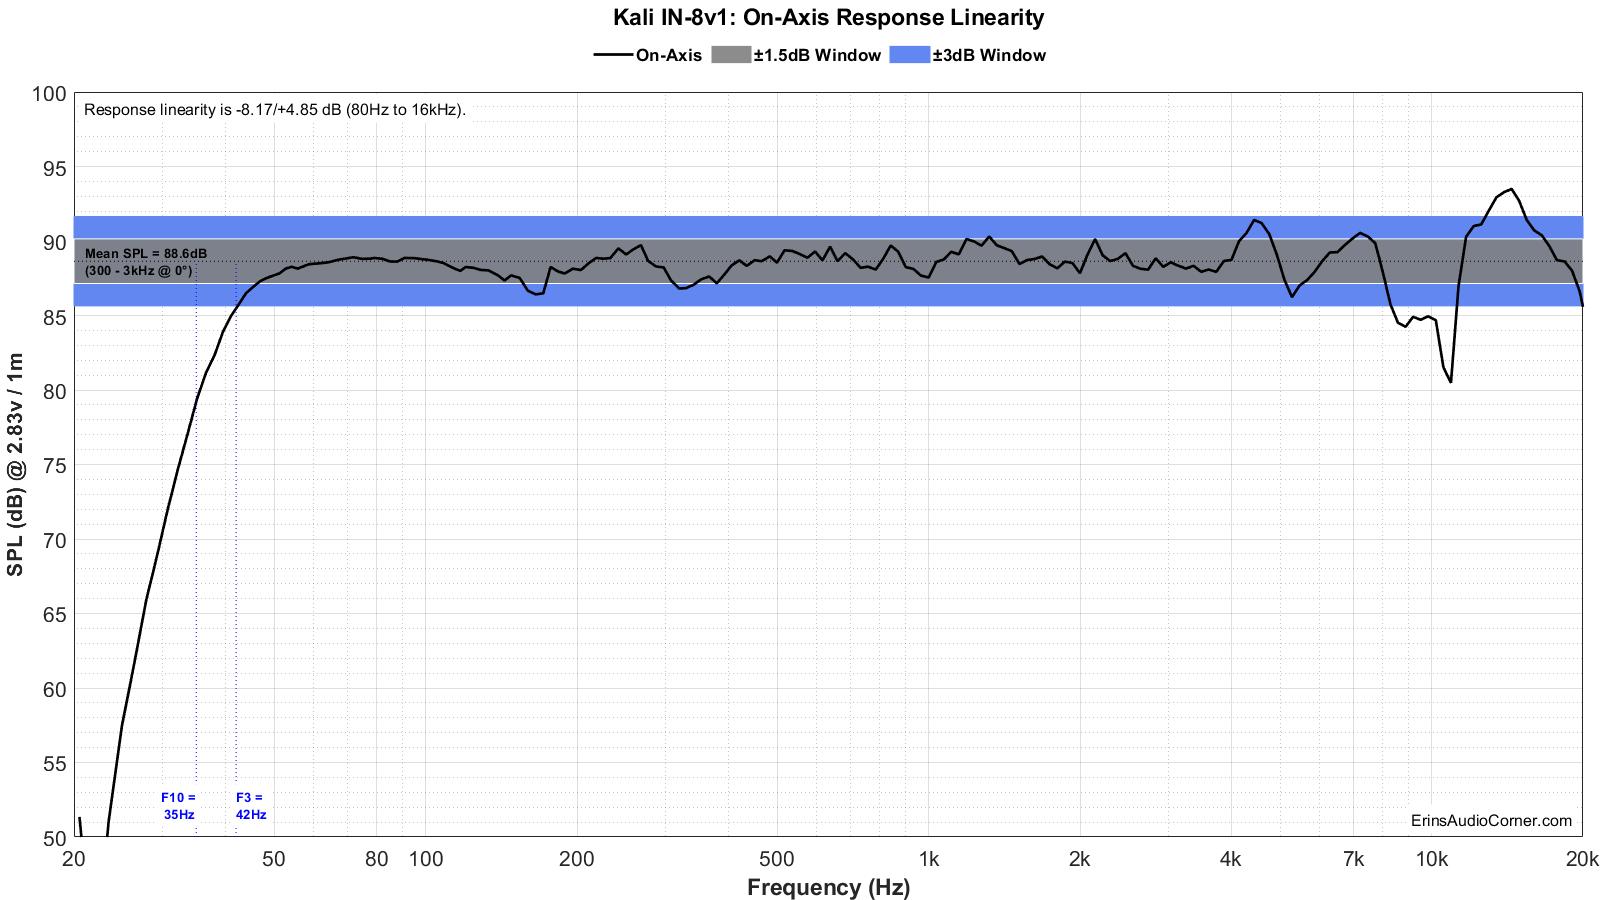 Kali%20IN-8v1%20FR_Linearity.png